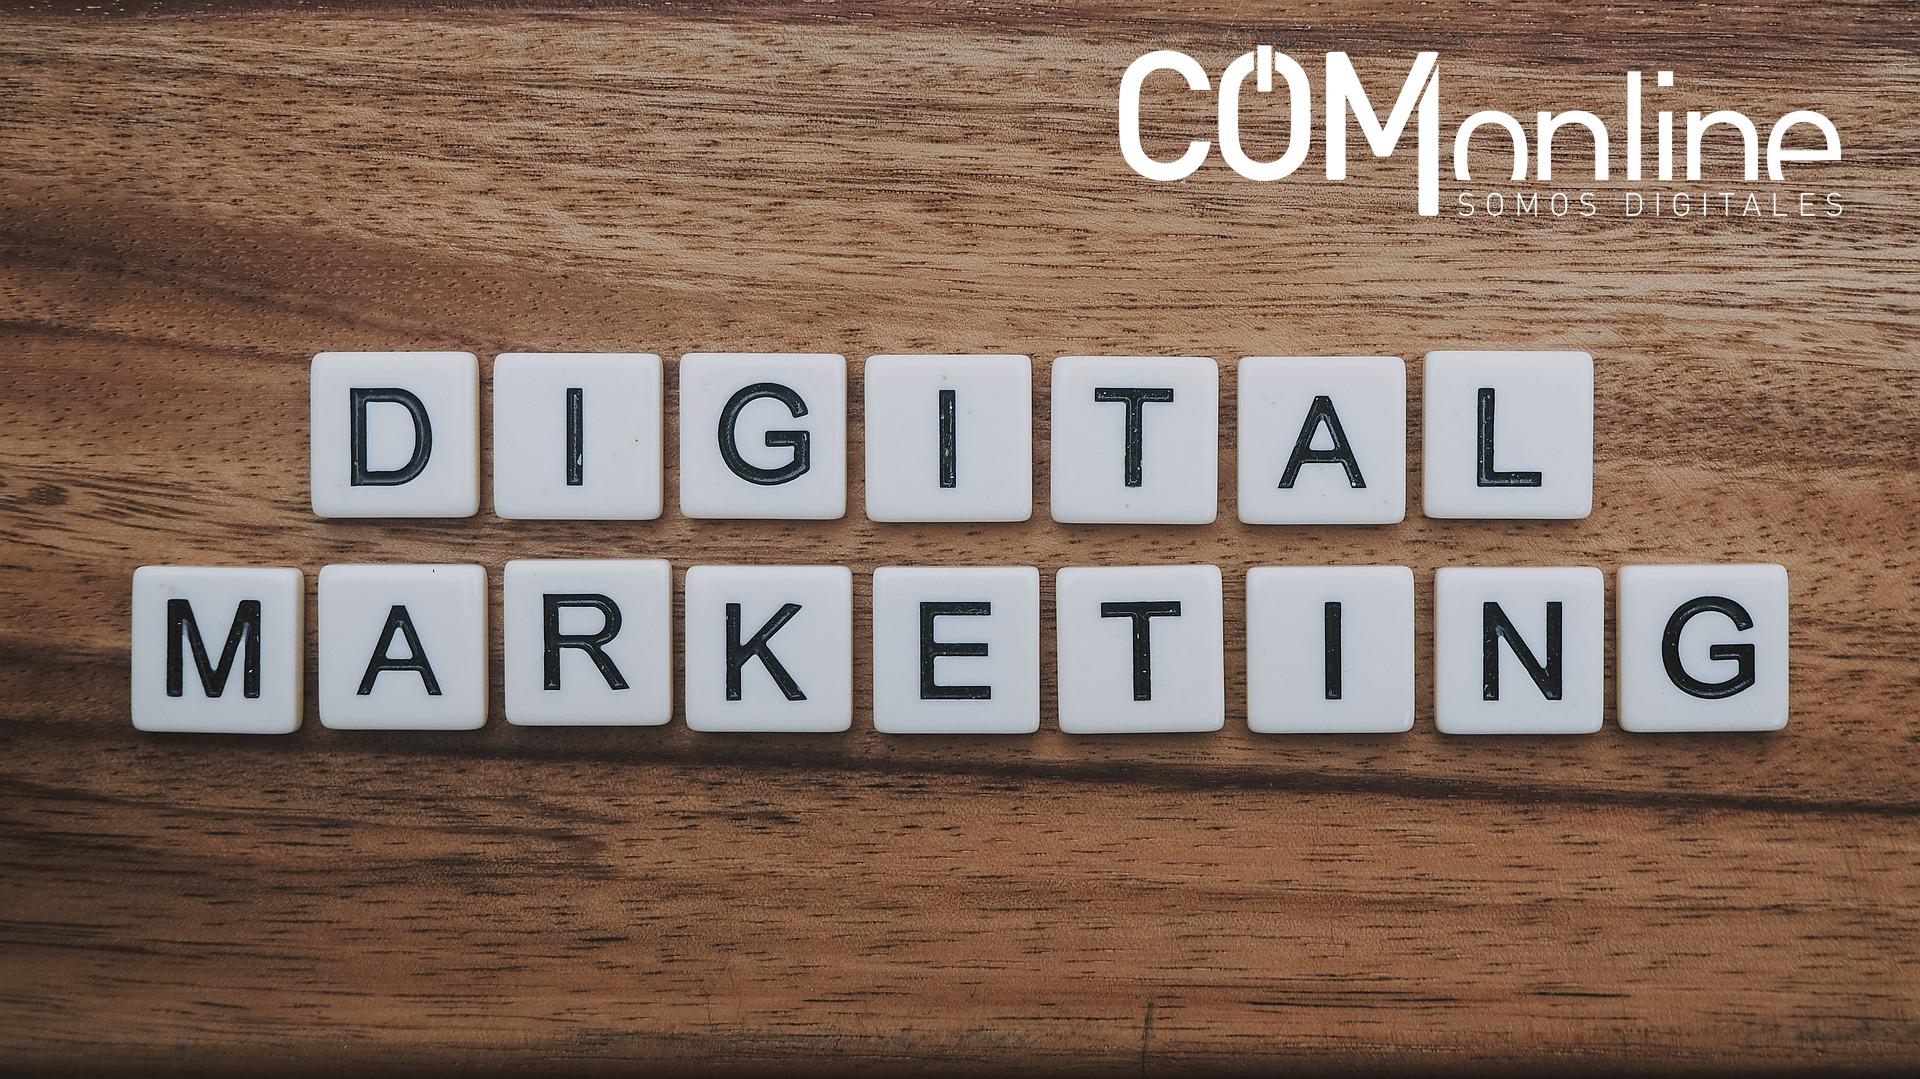 ¿Qué es el marketing digital y por qué lo necesito en mi empresa?